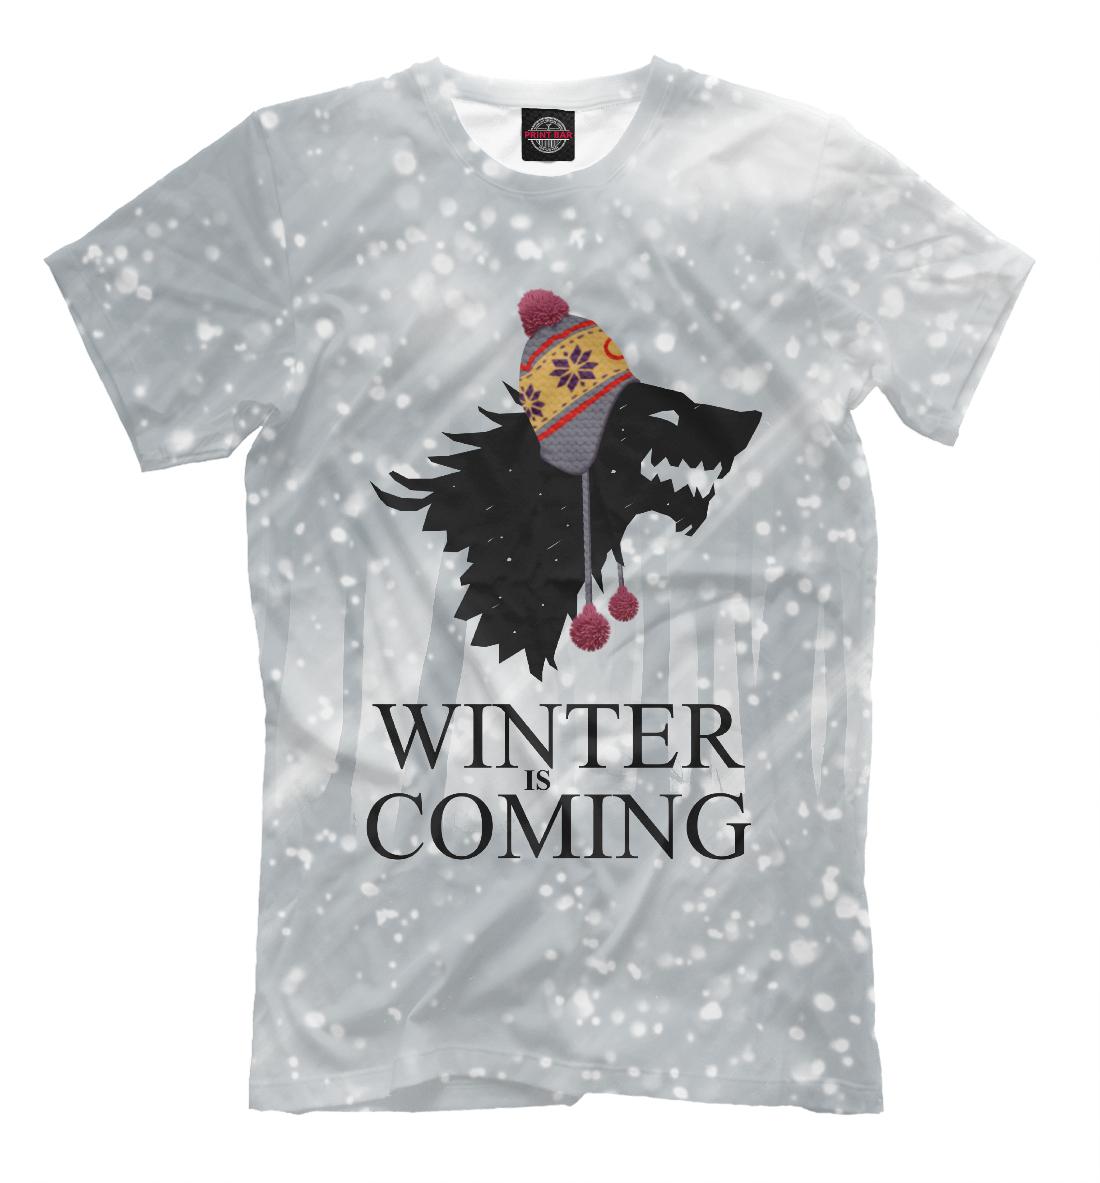 Купить Зима близко, Printbar, Футболки, IGR-323519-fut-2